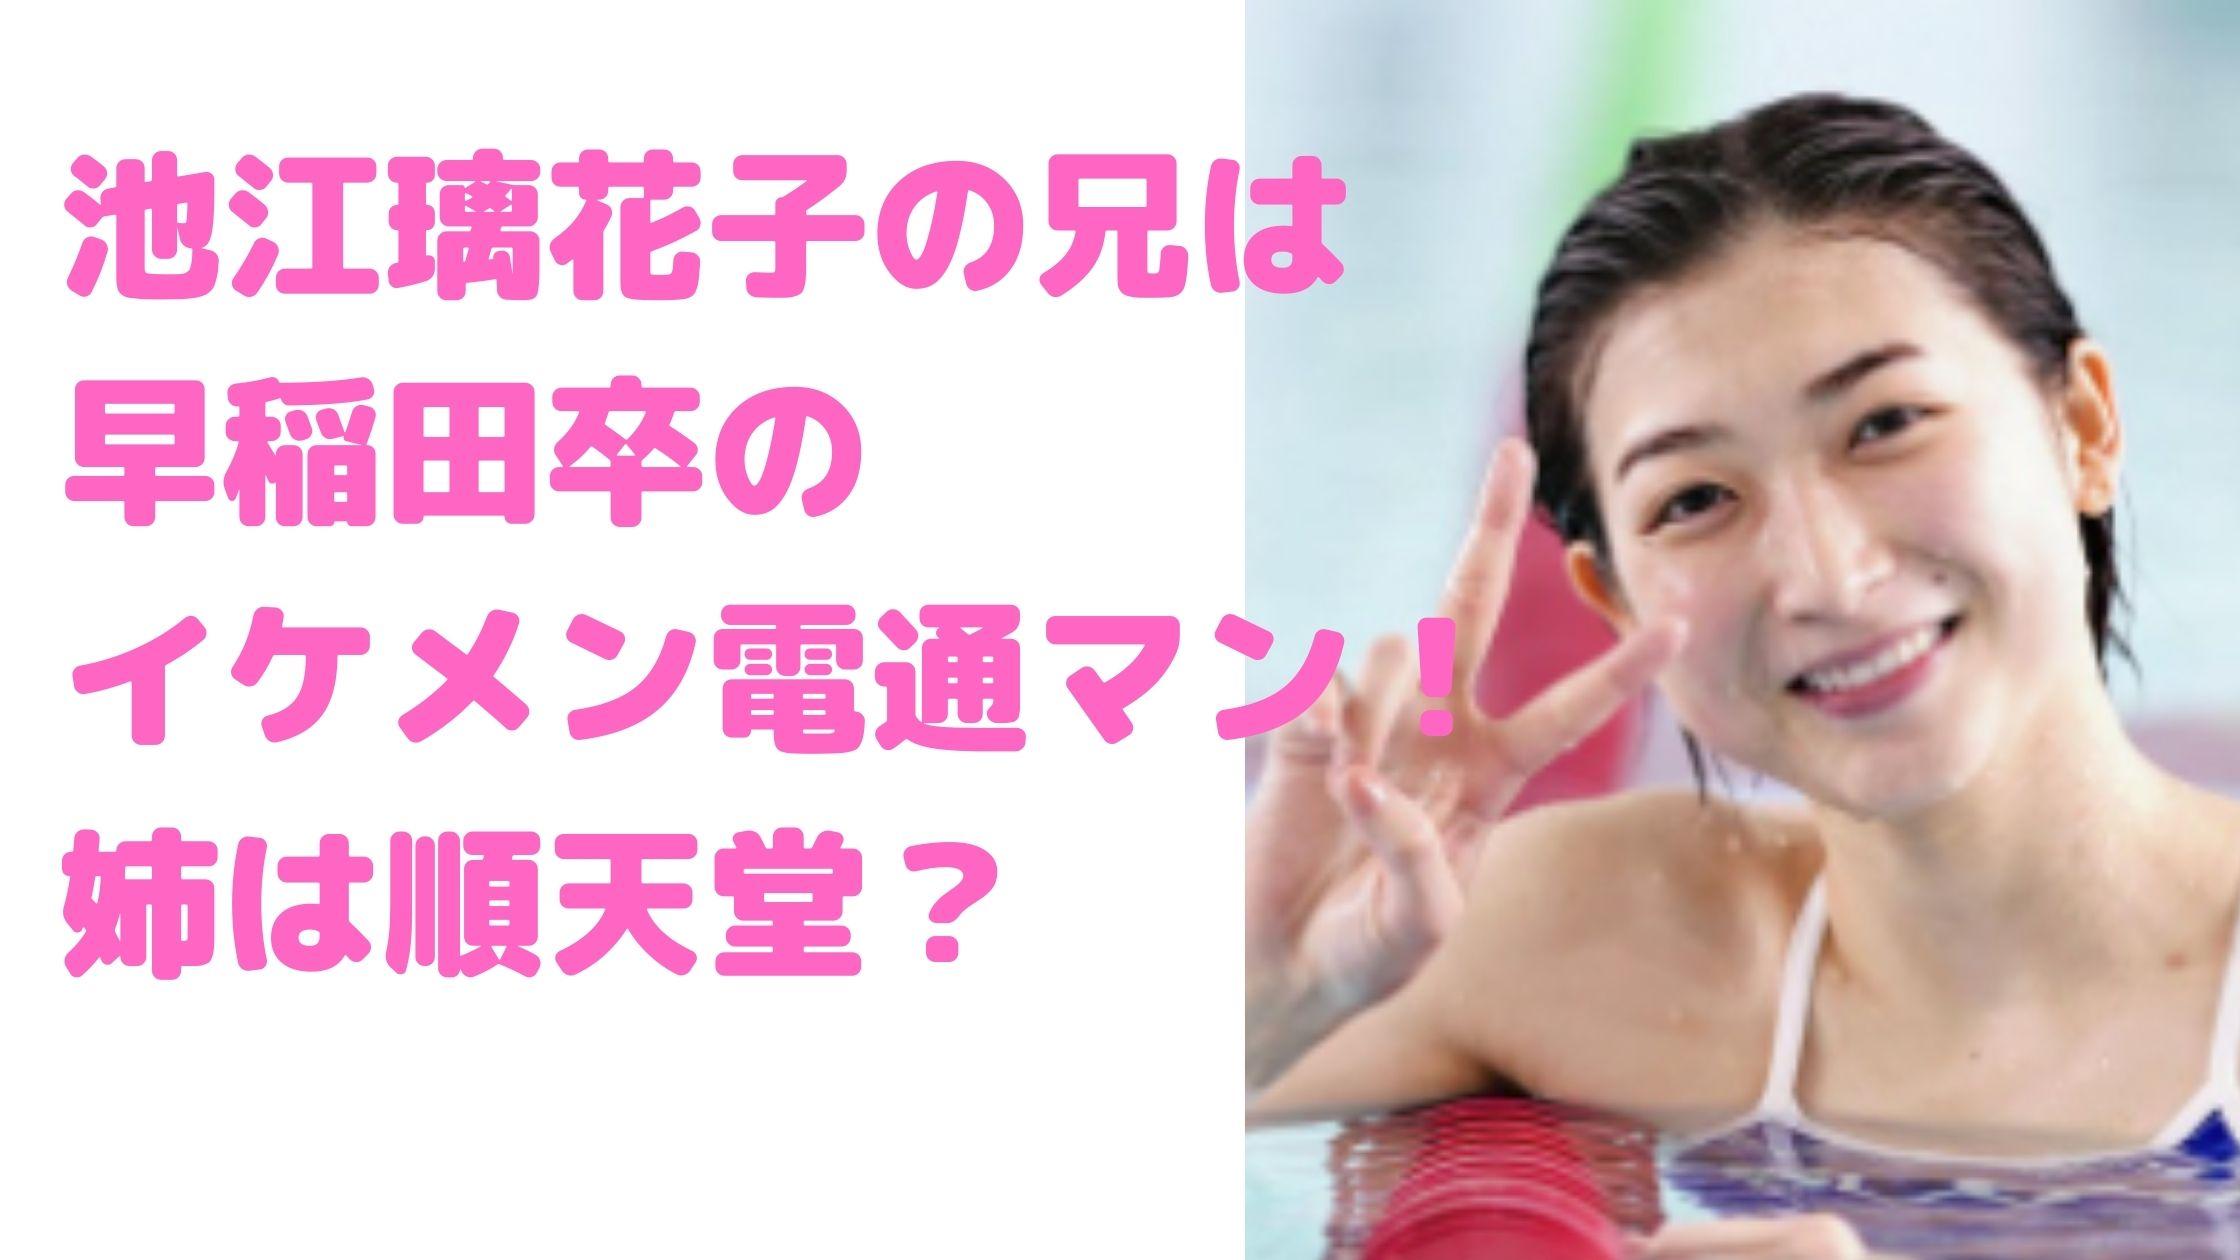 池江璃花子 兄 早稲田 電通 ドナー 姉 順天堂 年齢 職業